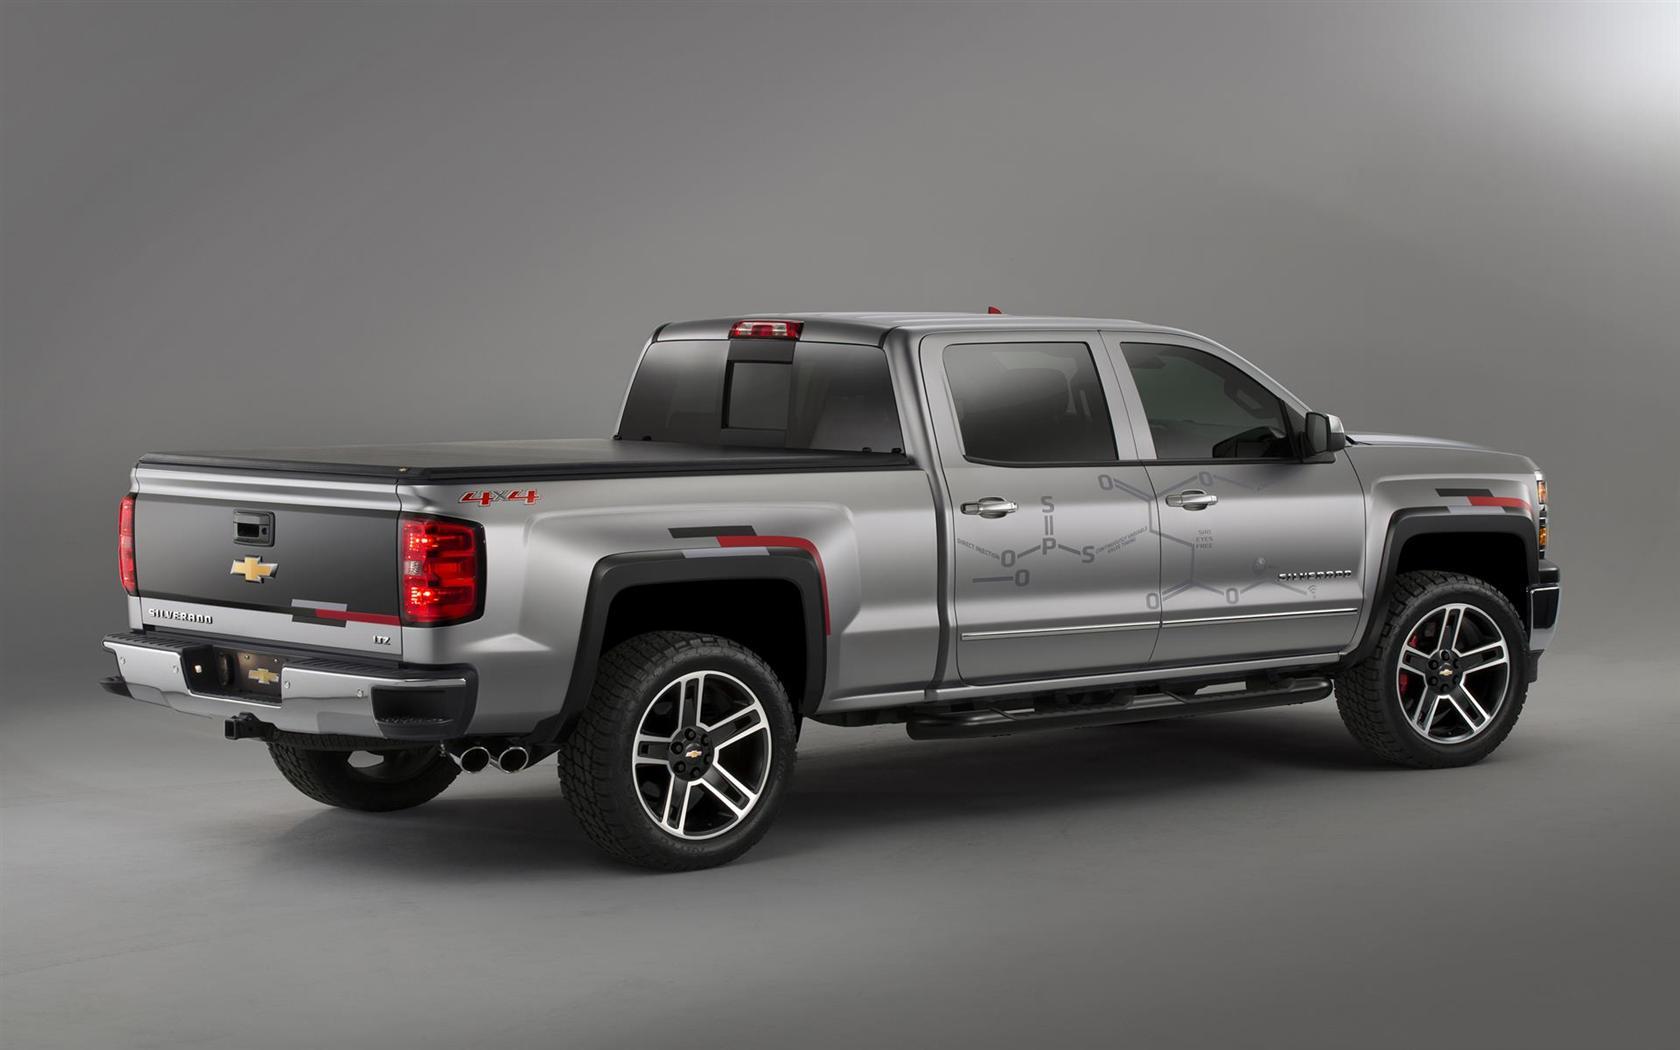 2014 Chevrolet Silverado Toughnology Concept